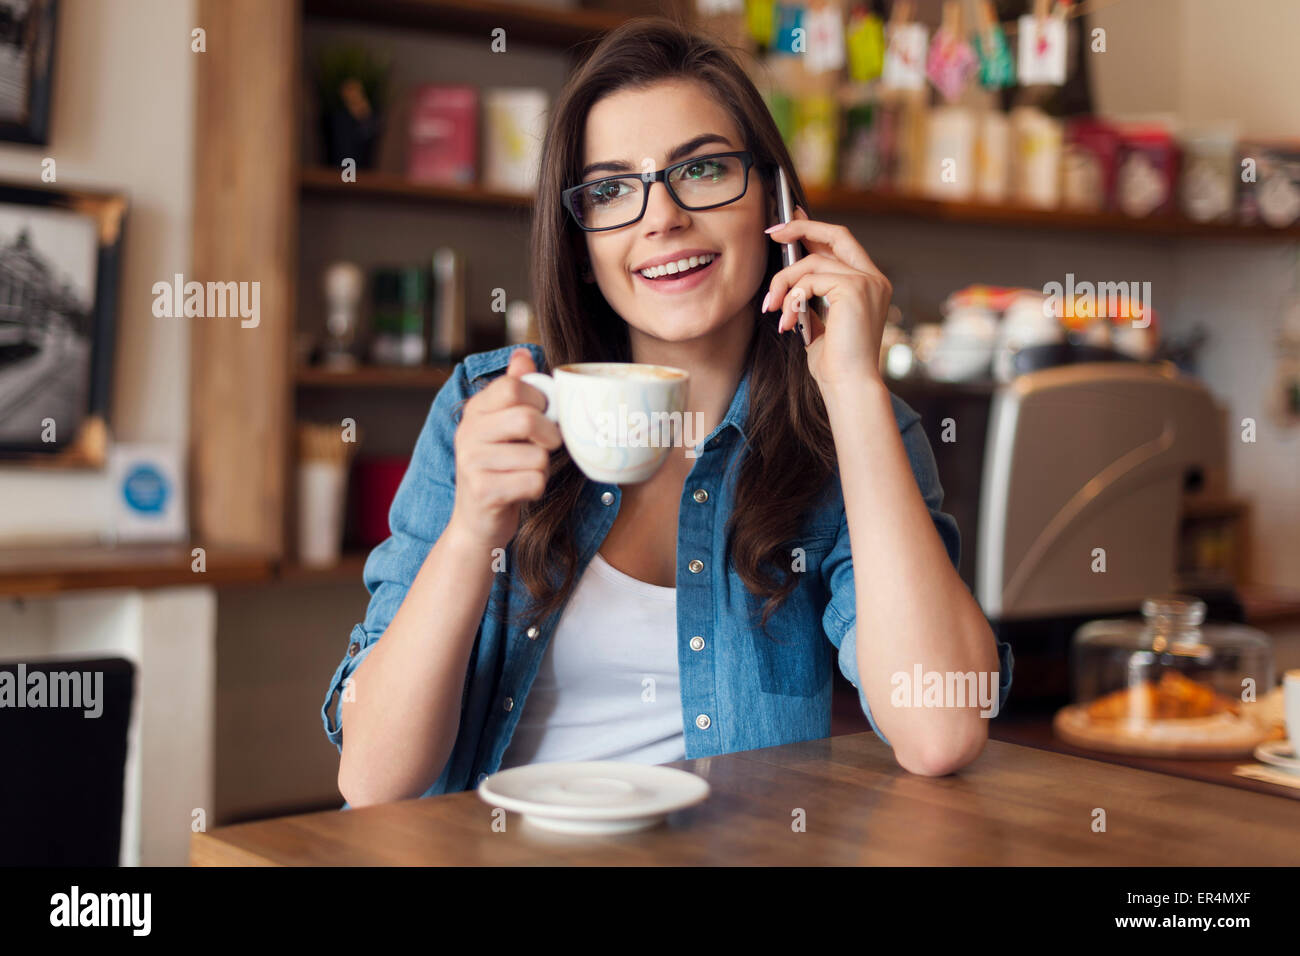 Sorridente giovane donna parla al telefono cellulare presso il cafe. Cracovia in Polonia Immagini Stock